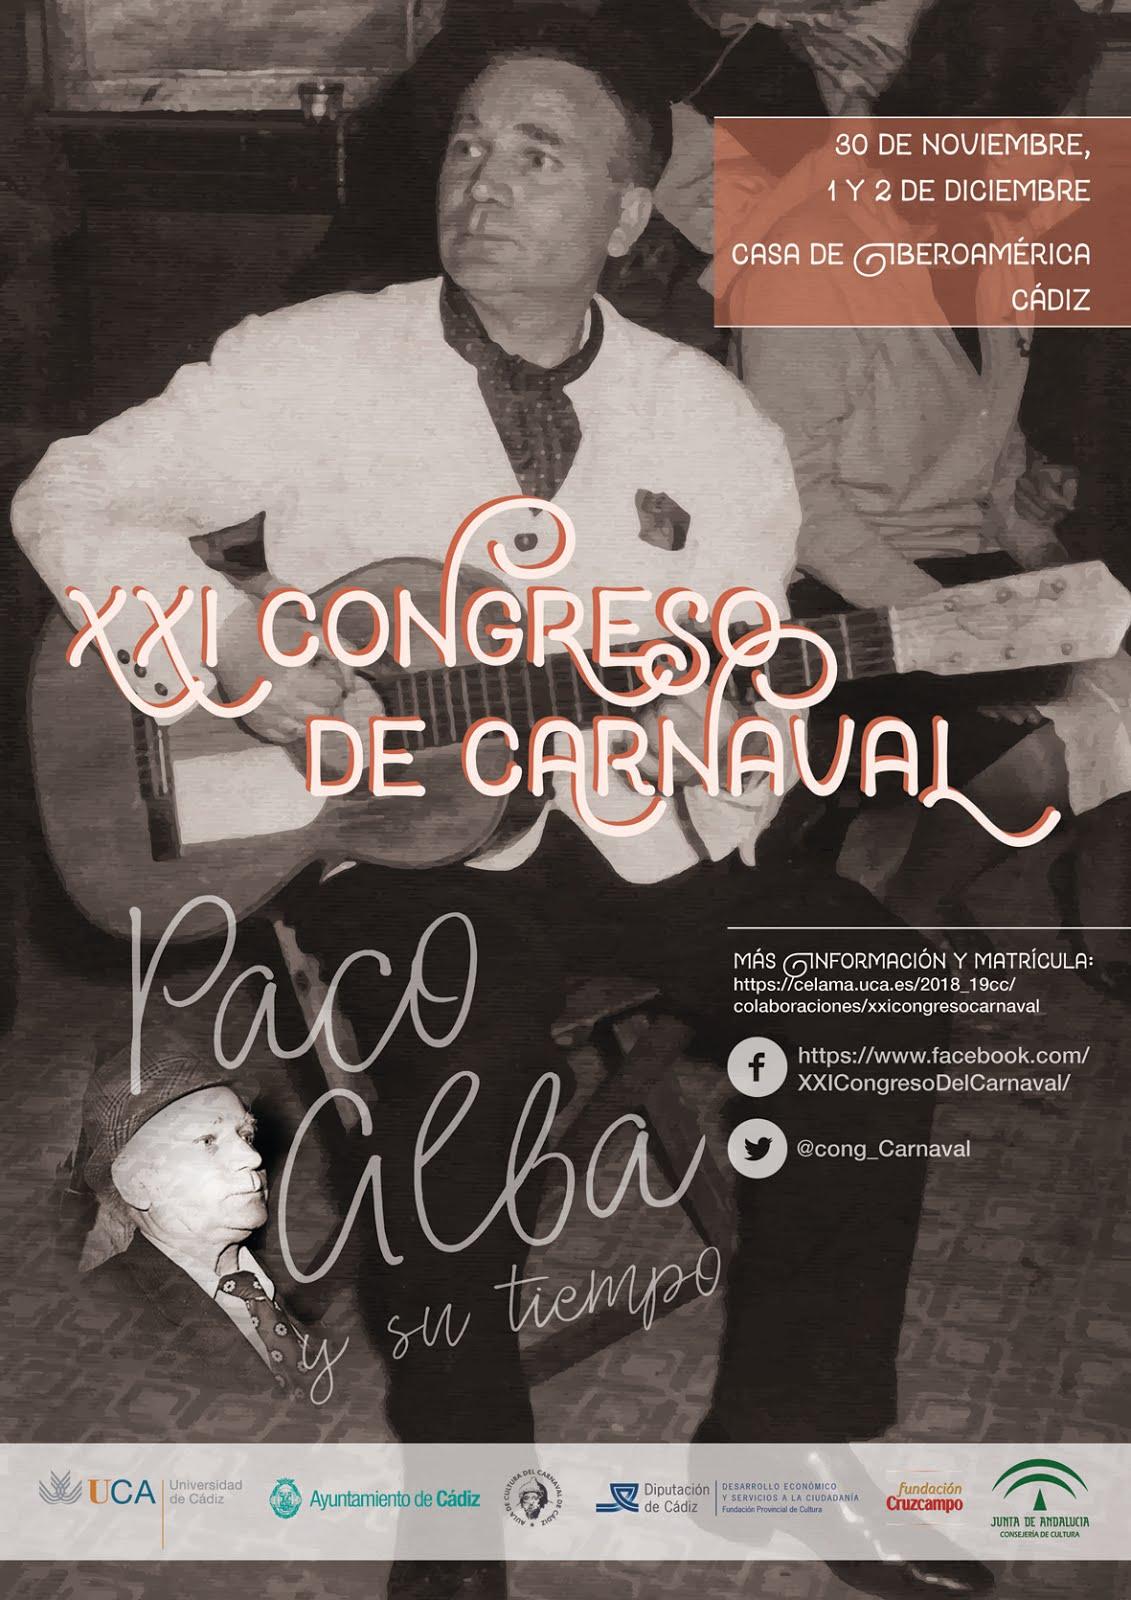 XXI Congreso del Carnaval. Paco Alba y su tiempo